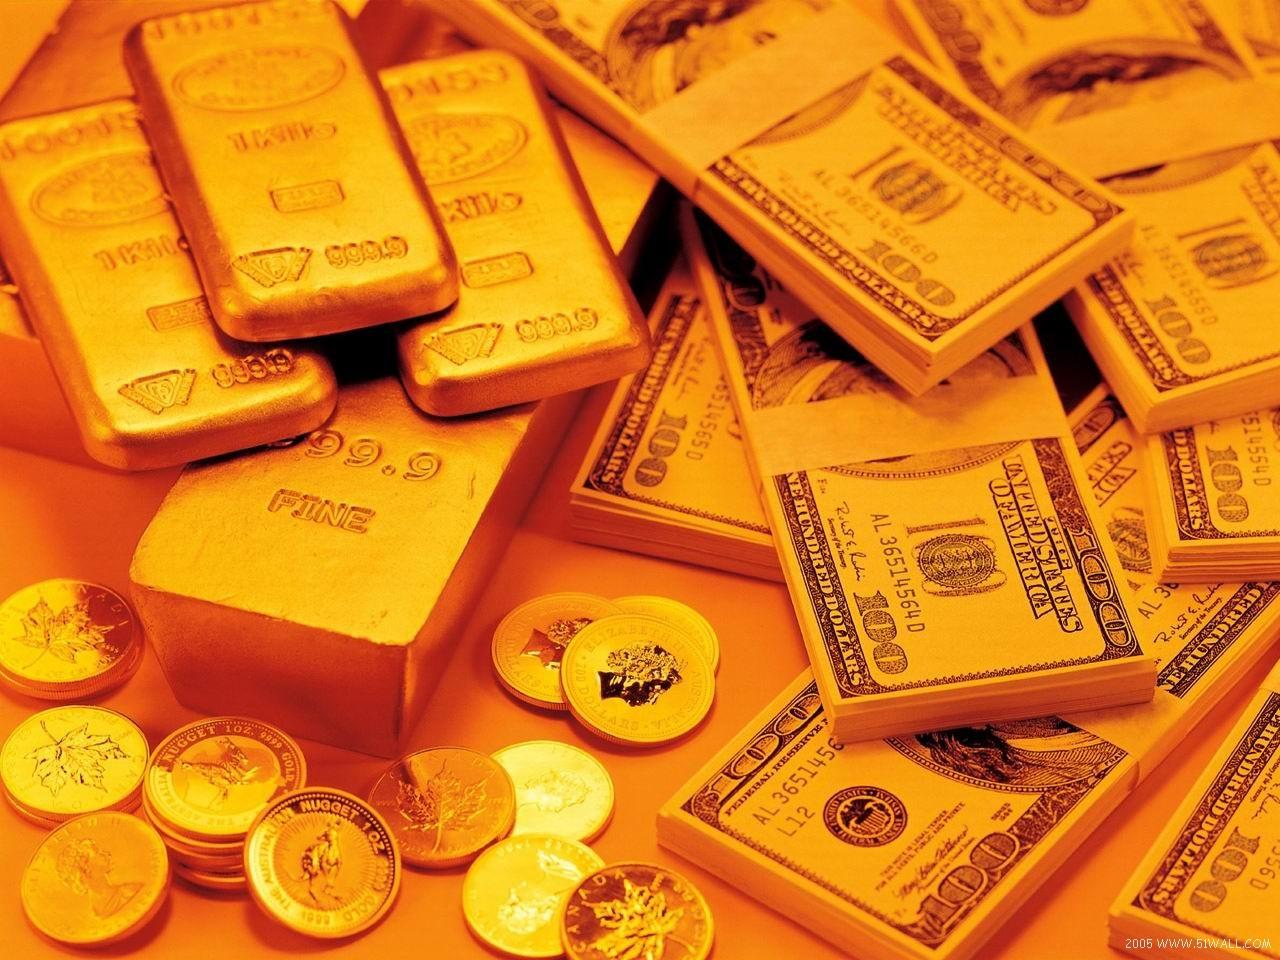 препарата состав, доллар и золото картинка берегу